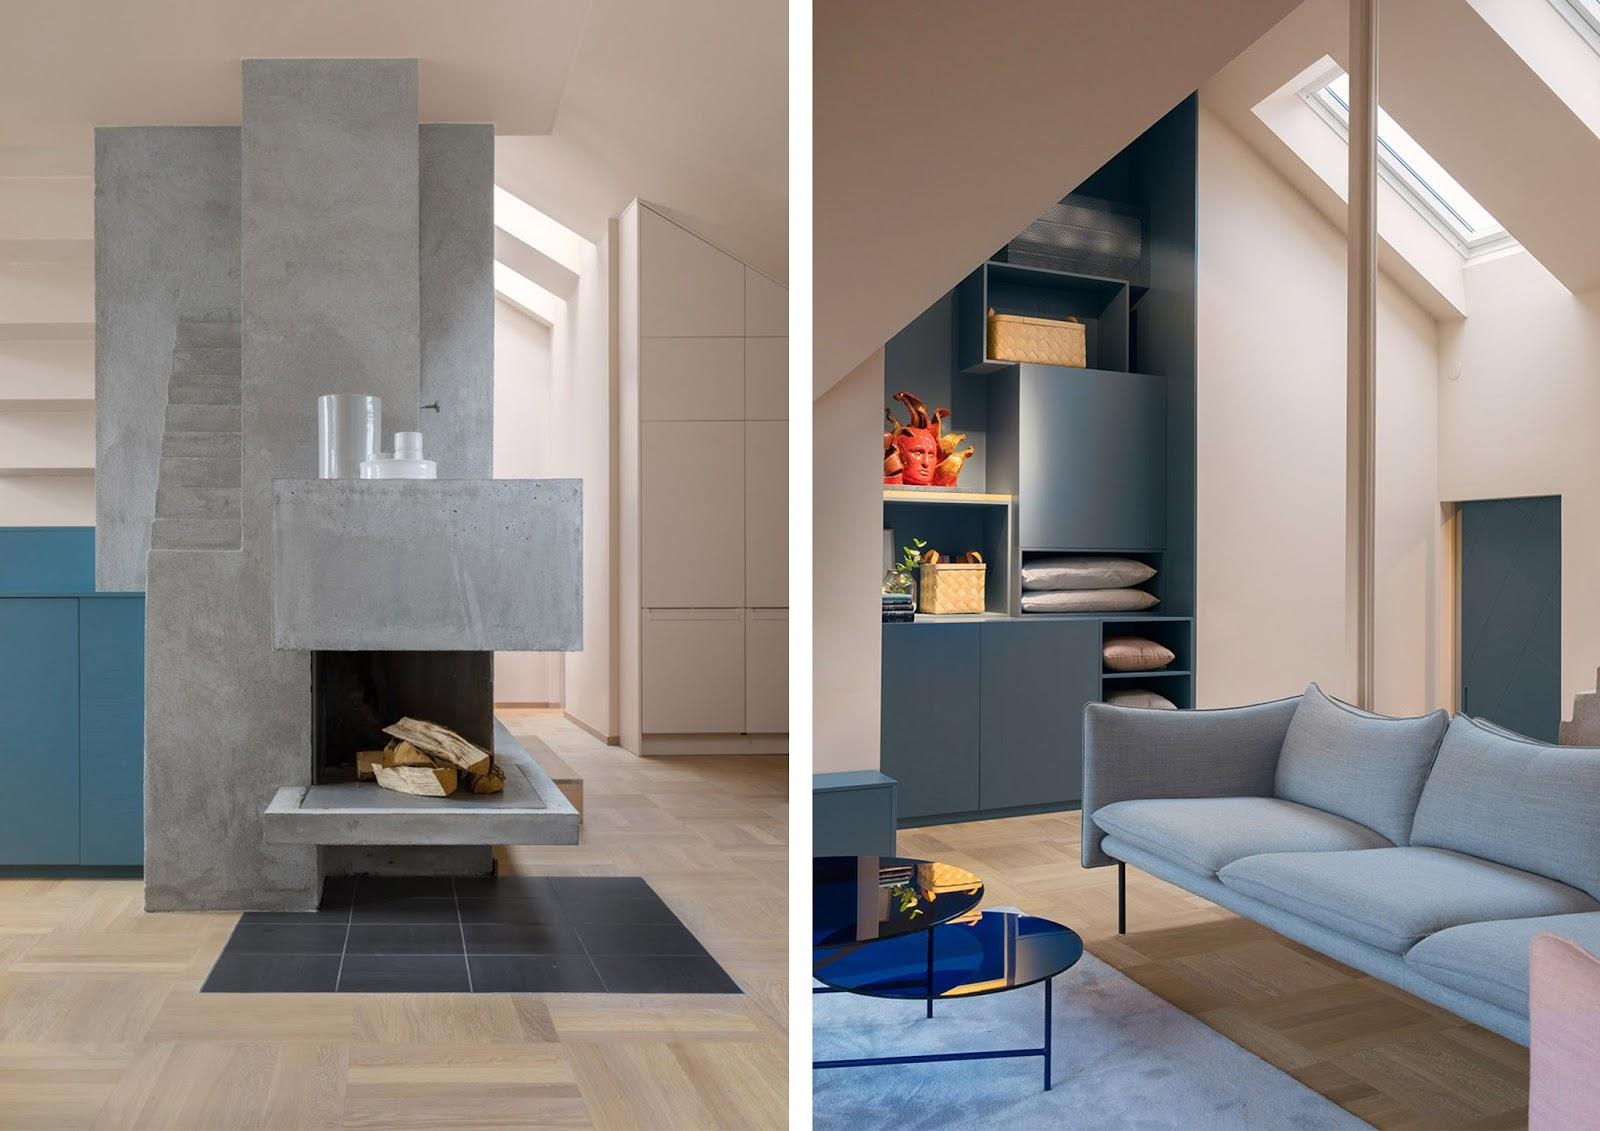 Awesome colori per pareti casa a stoccolma con tonalit for Grigio e beige arredamento